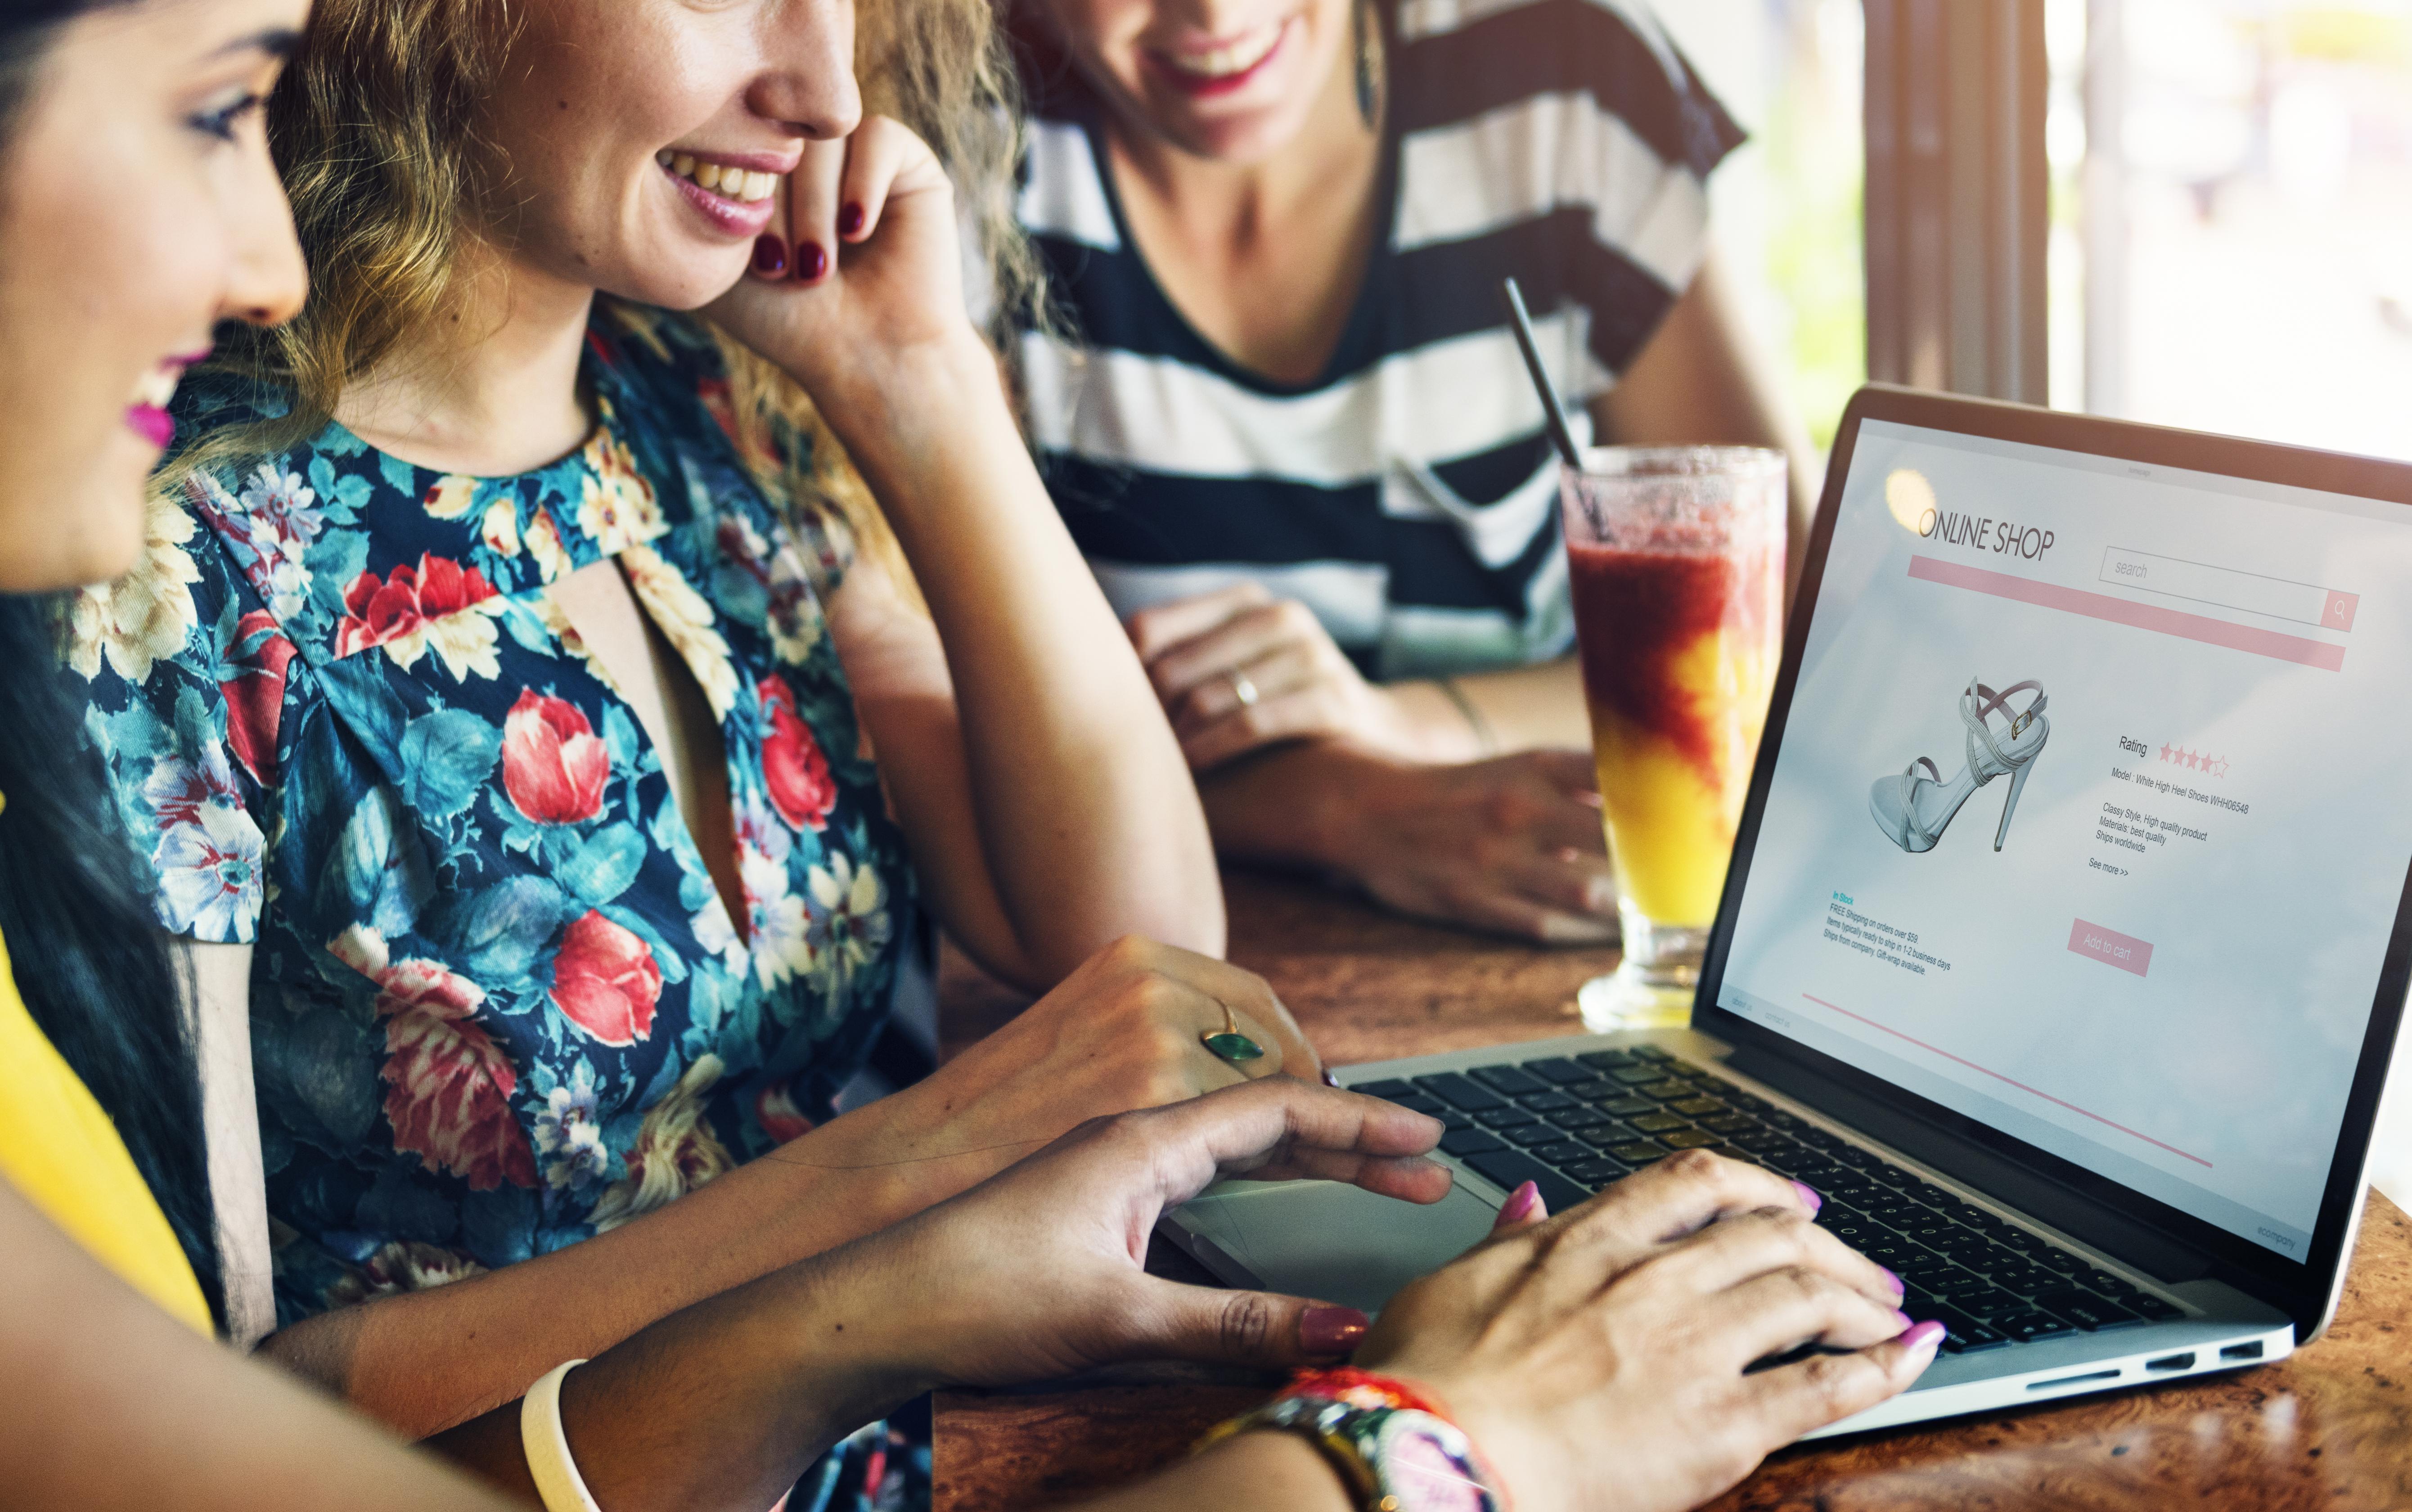 Trucos sencillos y exitosos para vender por internet